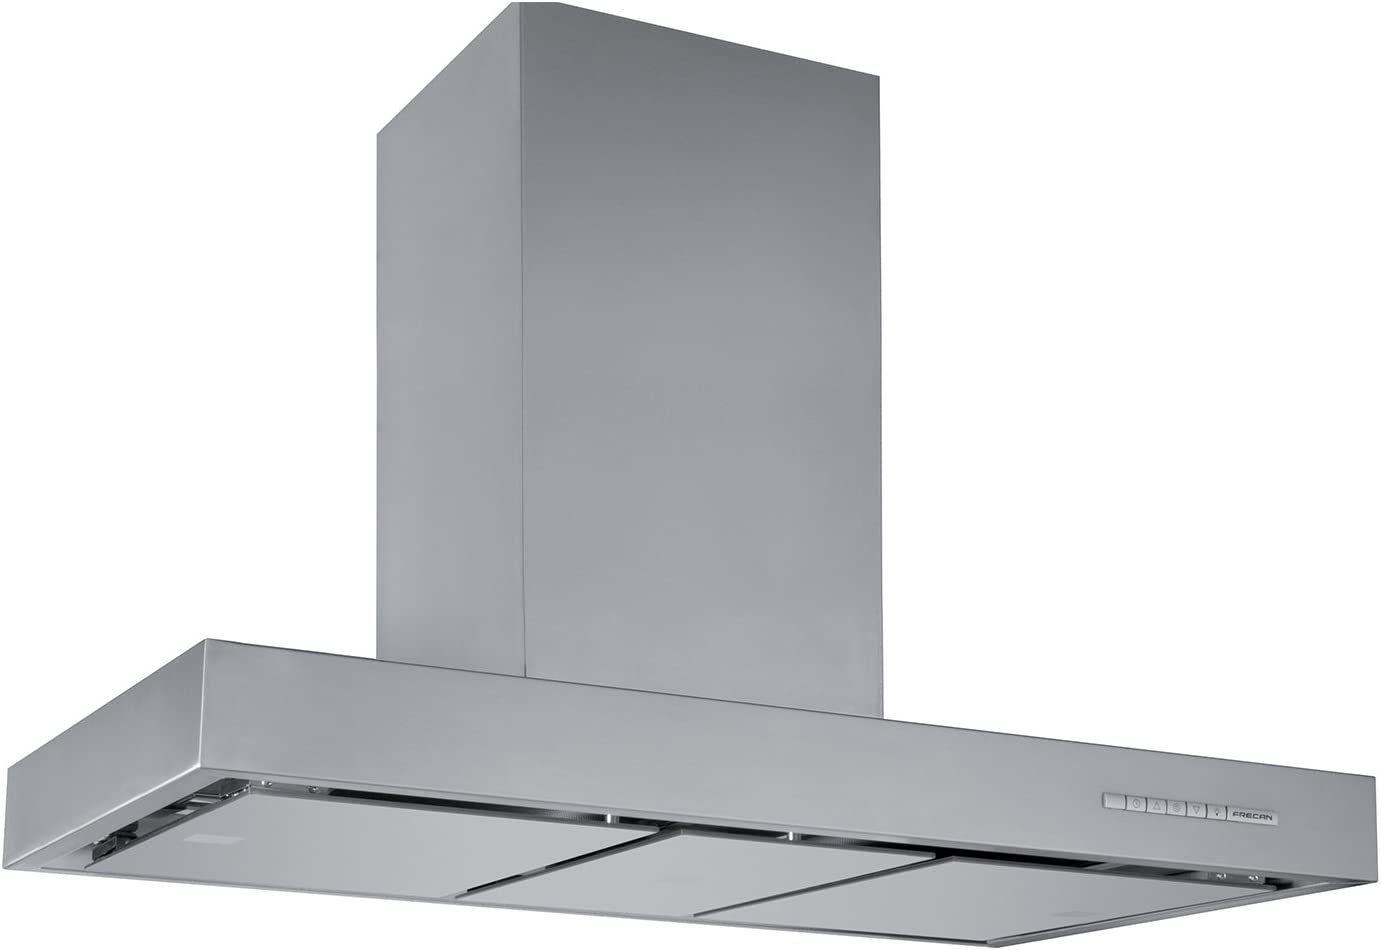 frecan – Campana Pared Expert – acero inoxidable – 90 cm: Amazon.es: Grandes electrodomésticos